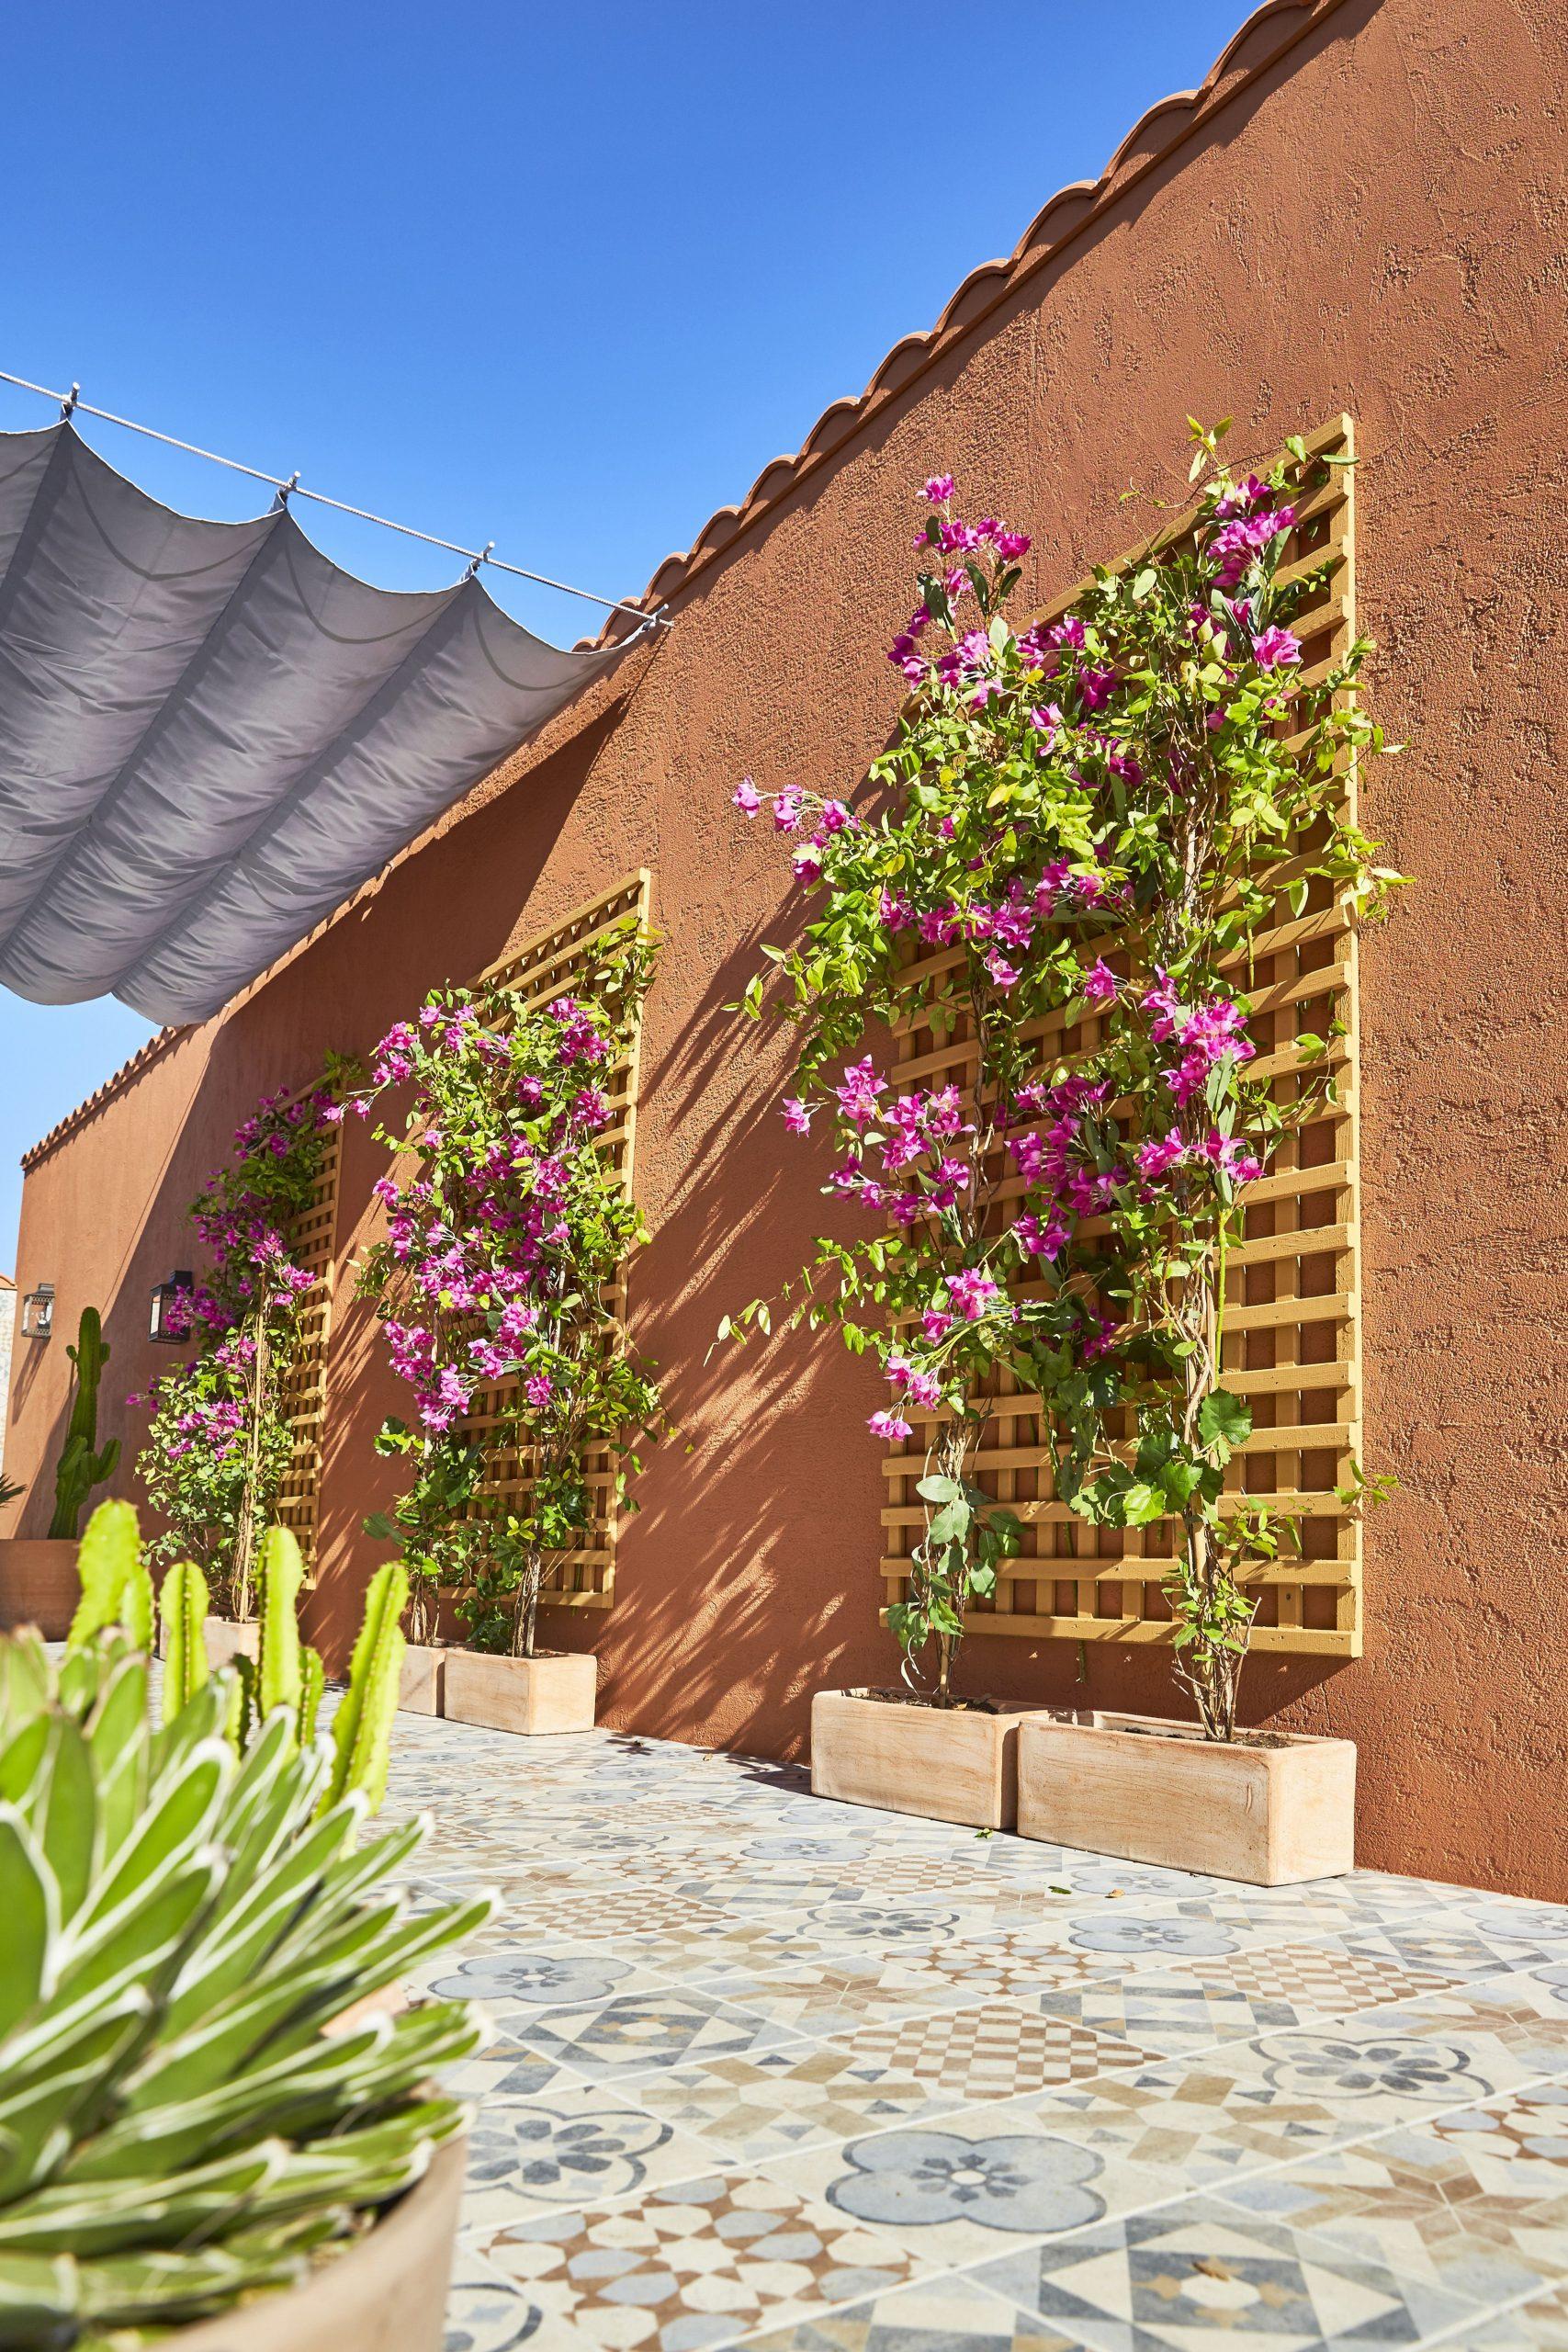 Vous Cherchez Un Aménagement Pour Votre Patio ? Avec Des ... destiné Amenagement Jardin Exterieur Mediterraneen